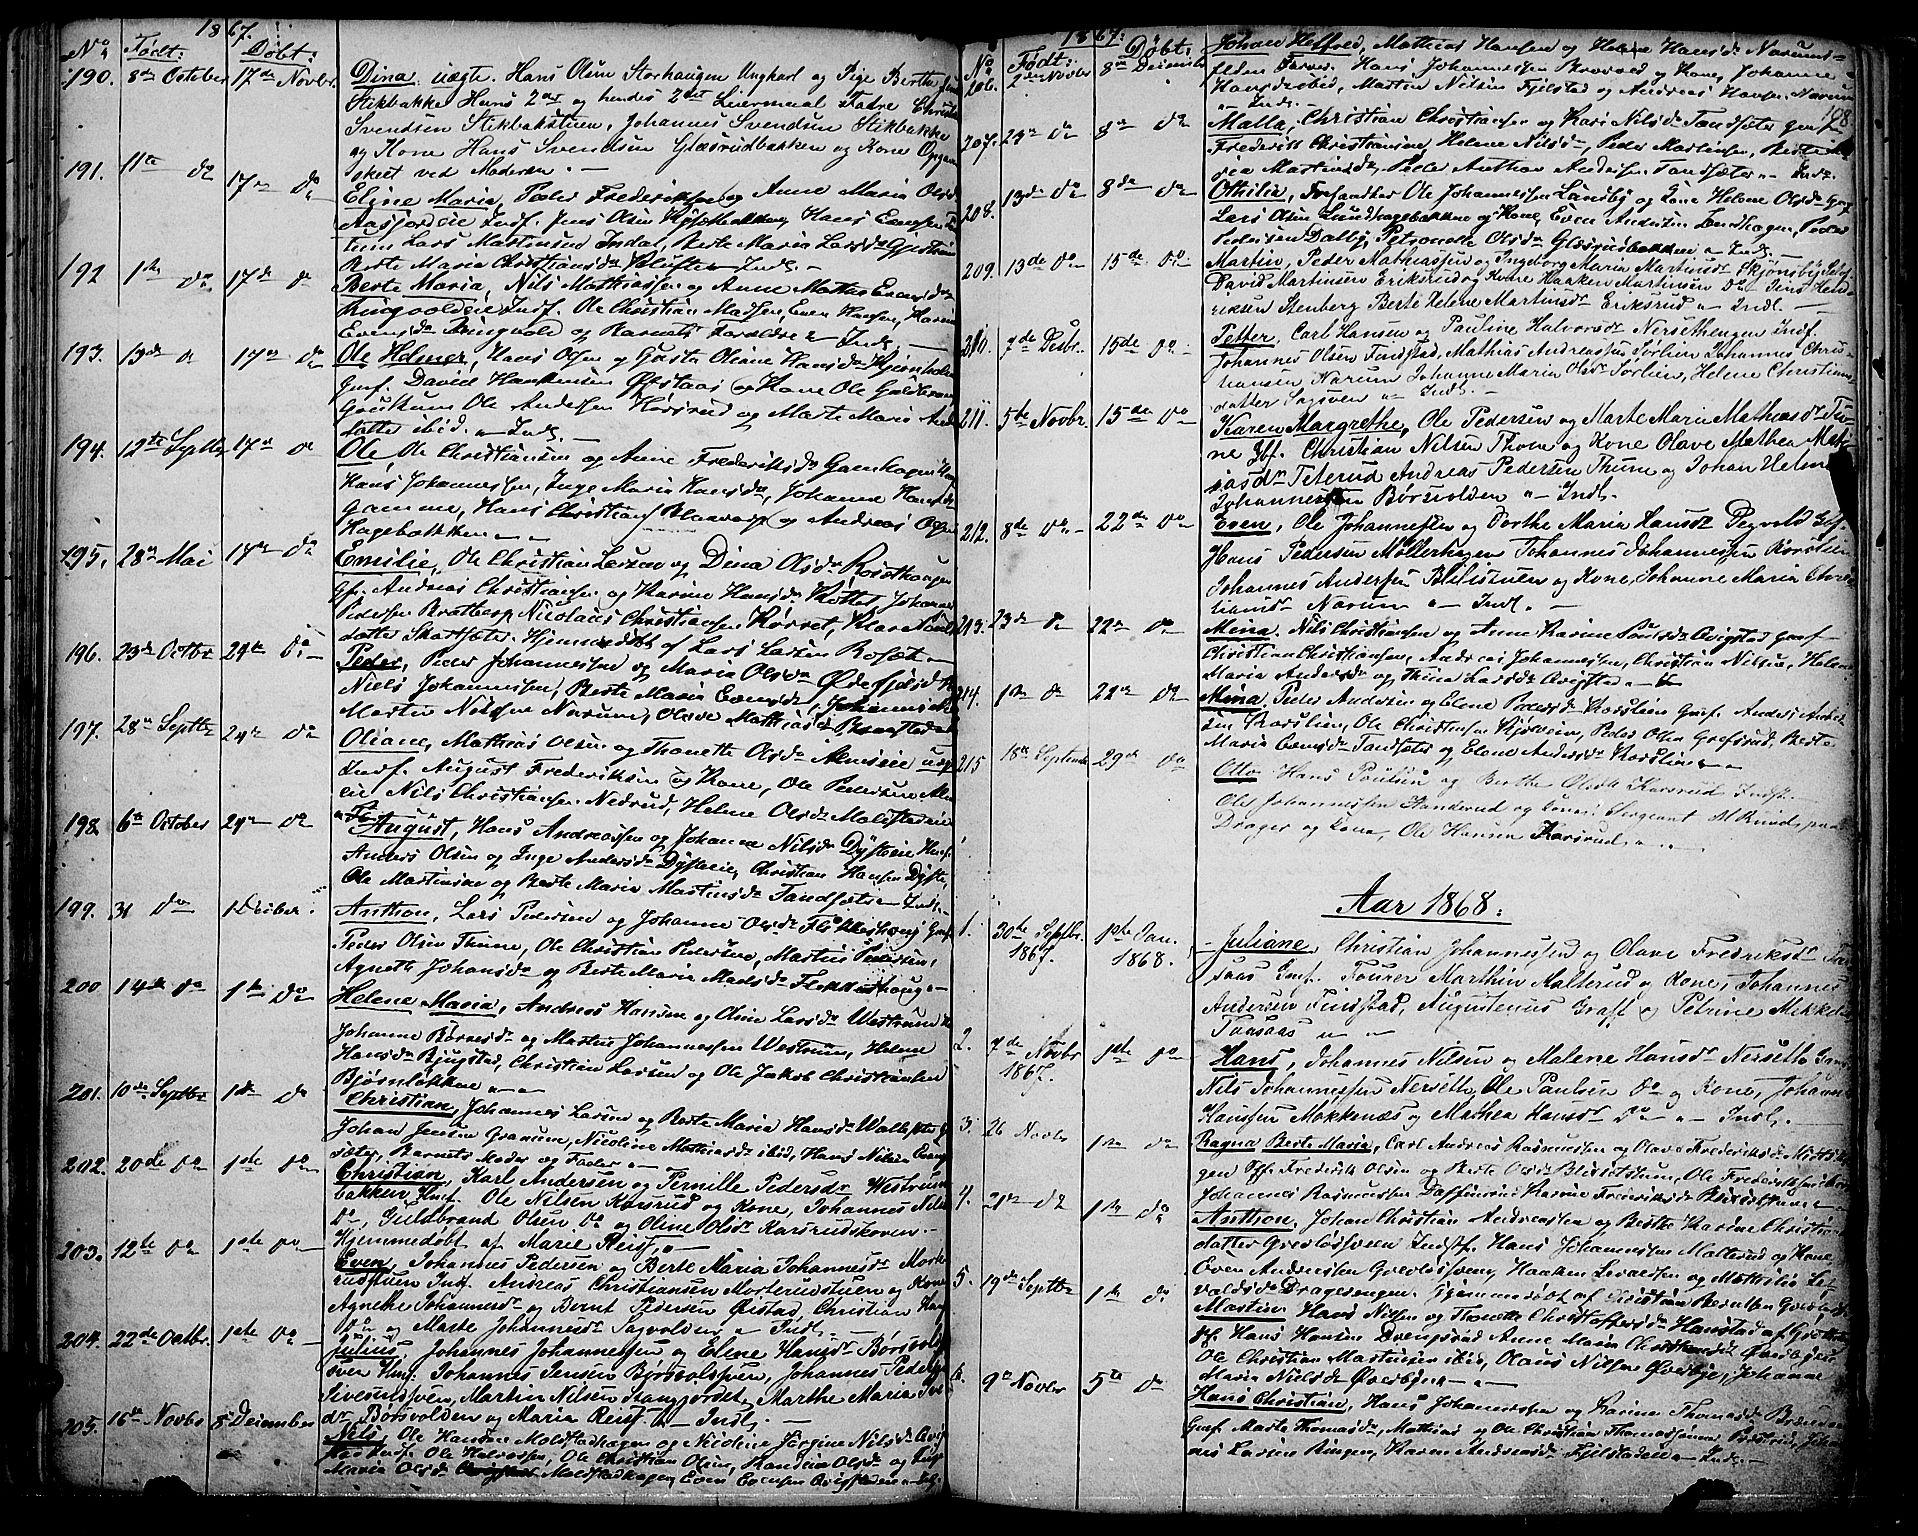 SAH, Vestre Toten prestekontor, H/Ha/Hab/L0005: Klokkerbok nr. 5, 1854-1870, s. 108